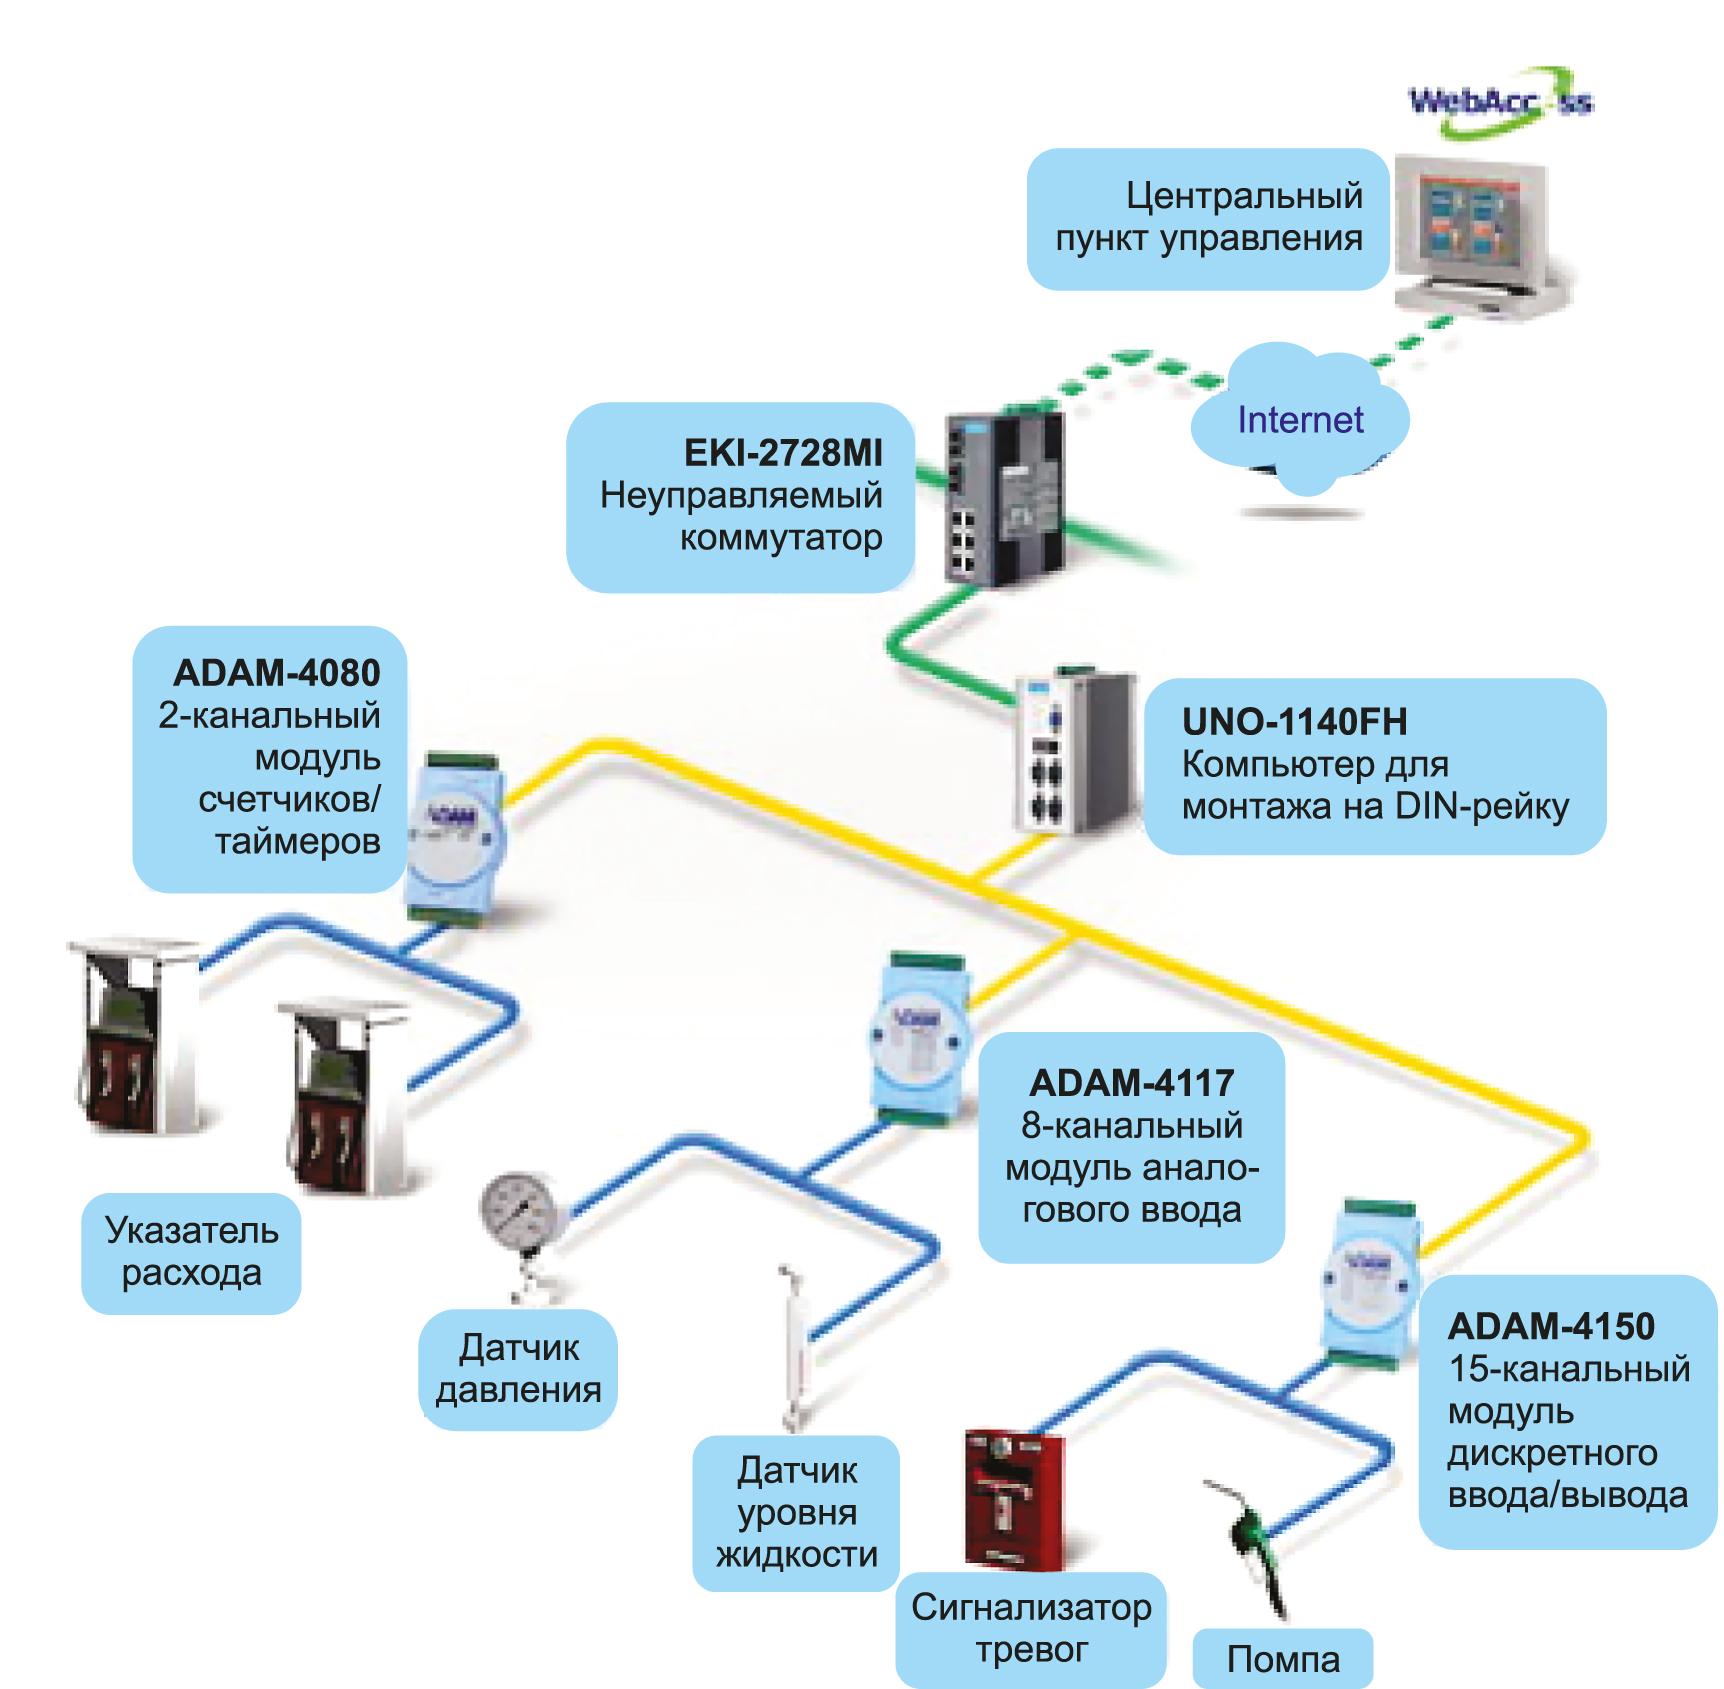 Решения Advantech для нефтегазовой отрасли